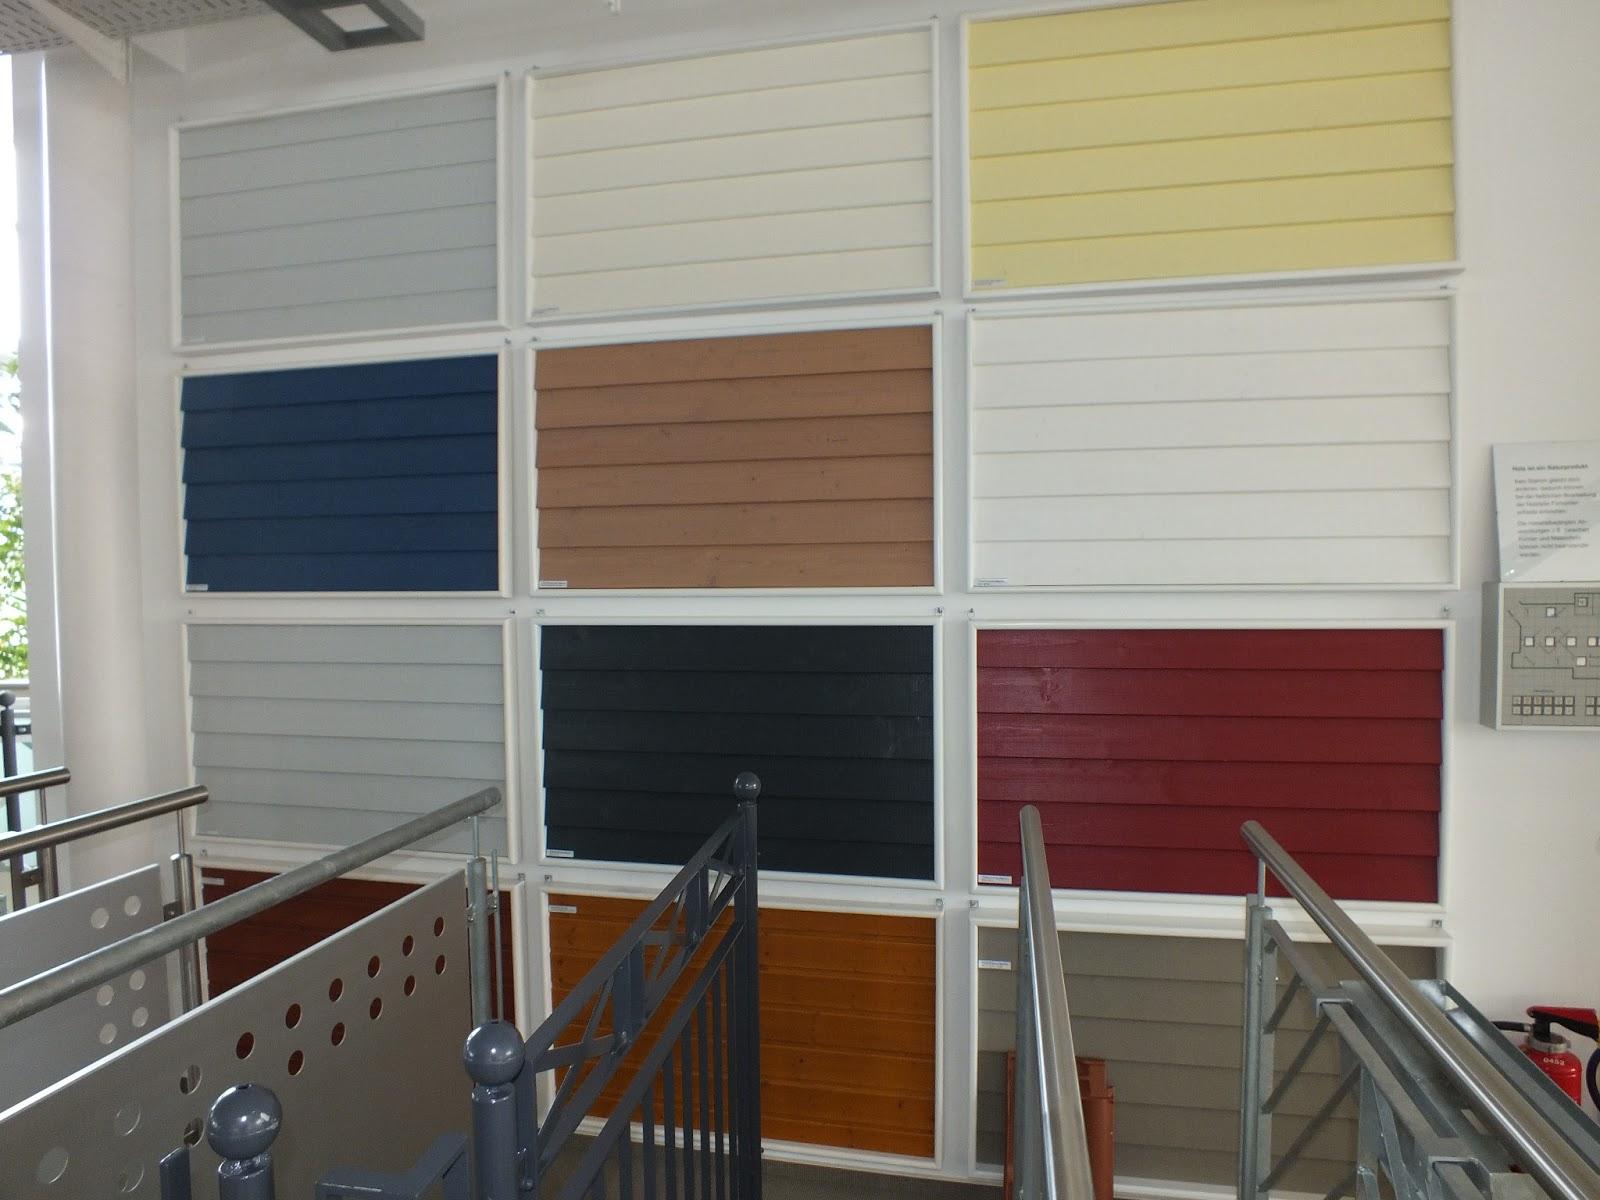 Fenster Bad Undurchsichtig : Verschiedene Holzfassaden(farben) Eigentlich wollten wir das